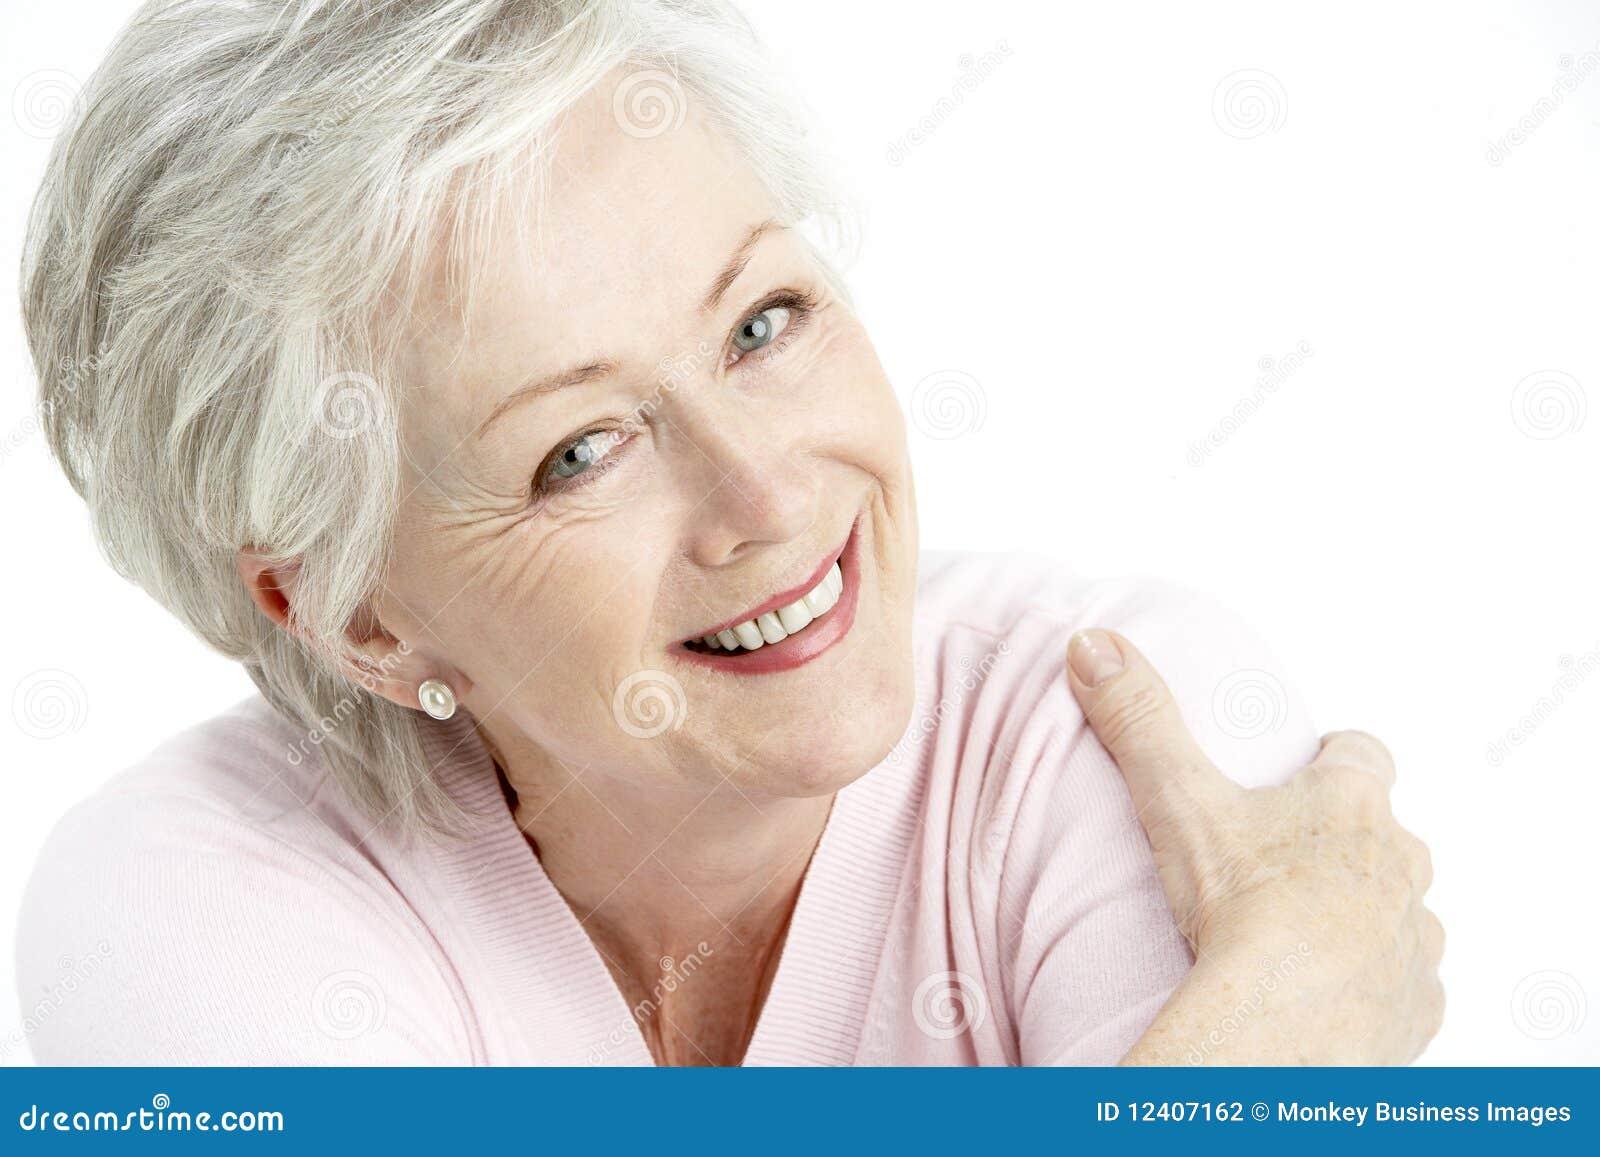 ¡Aquí Mendozaaa! Retrato-de-la-mujer-mayor-sonriente-12407162